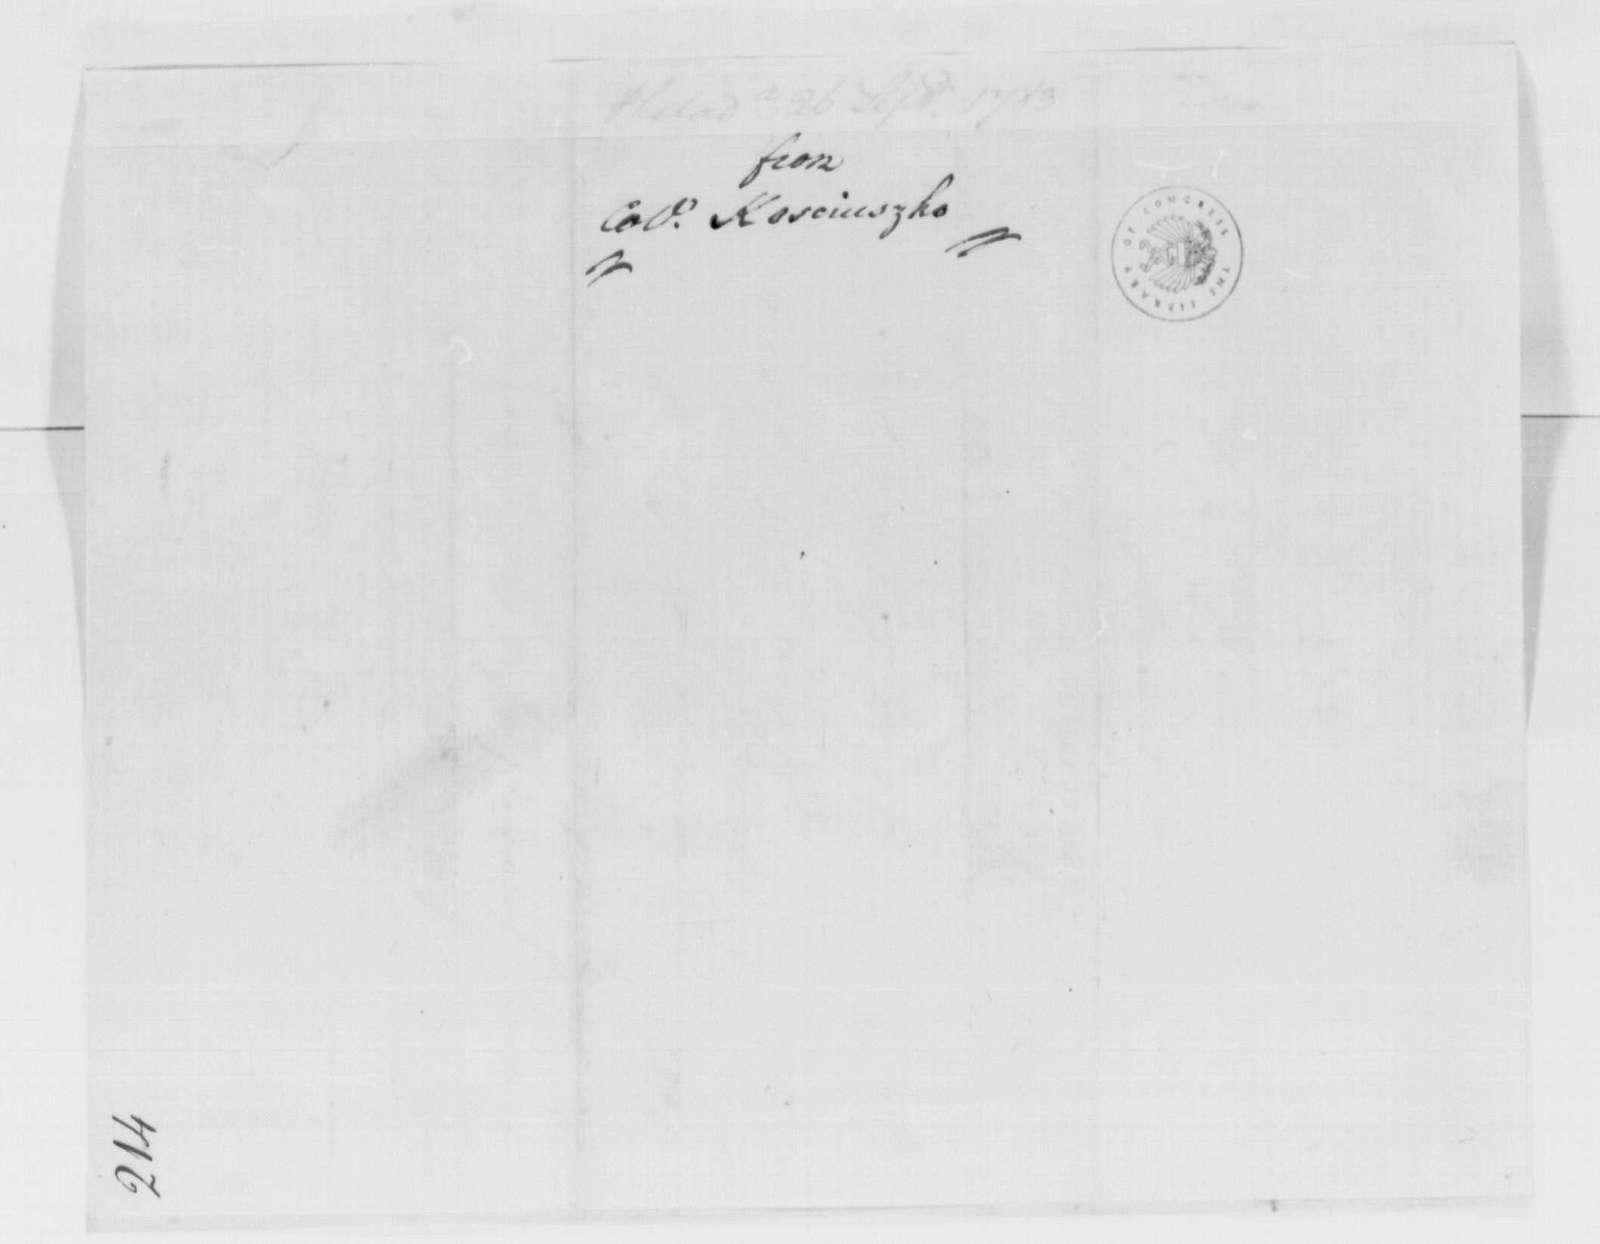 George Washington Papers, Series 4, General Correspondence: Thaddeus Kosciuszko to George Washington, September 26, 1783